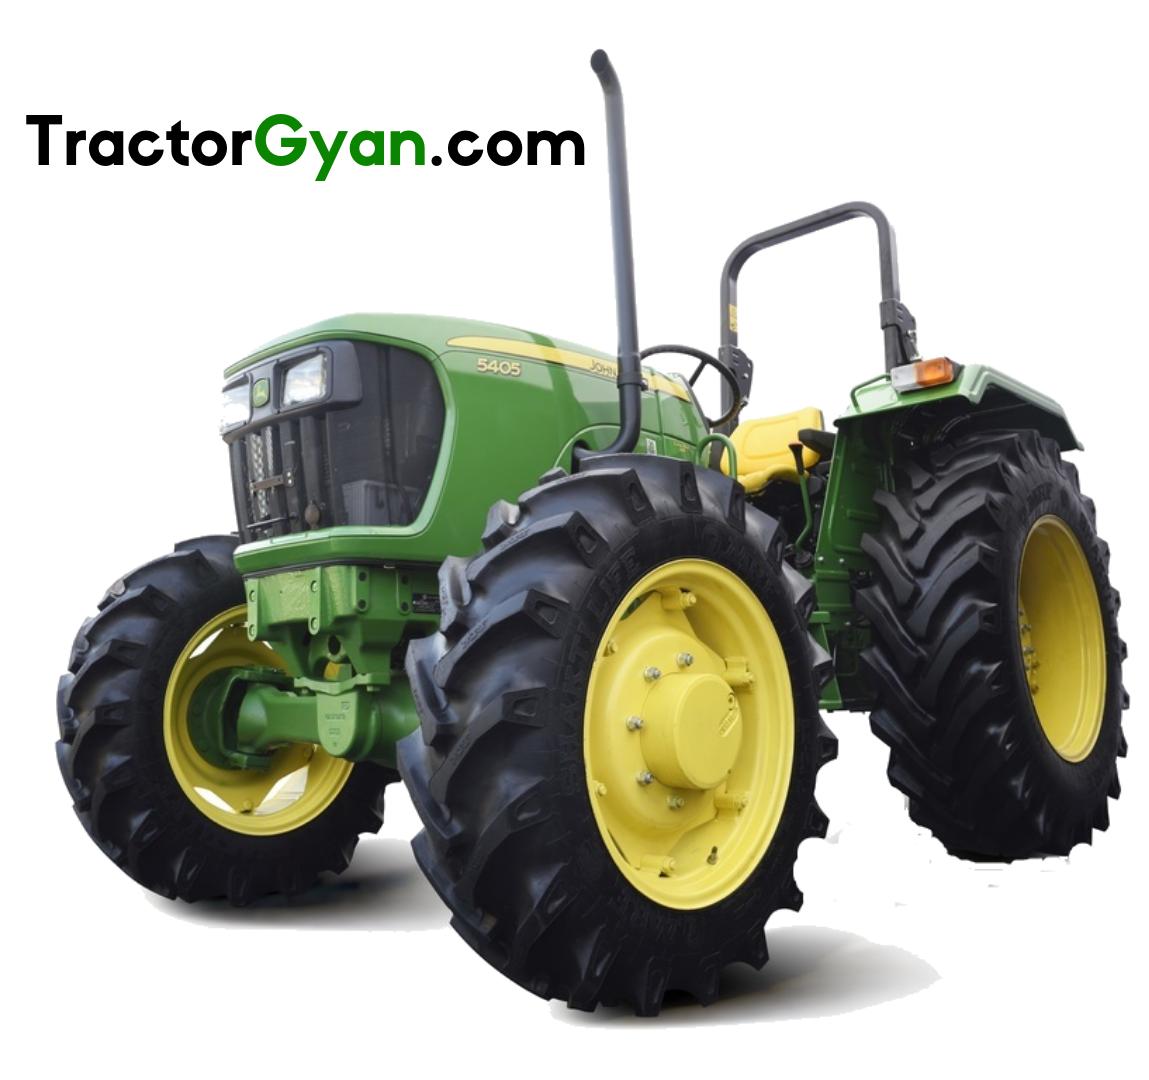 https://images.tractorgyan.com/uploads/478/John-deere-5405-gearpro-tractorgyan.png